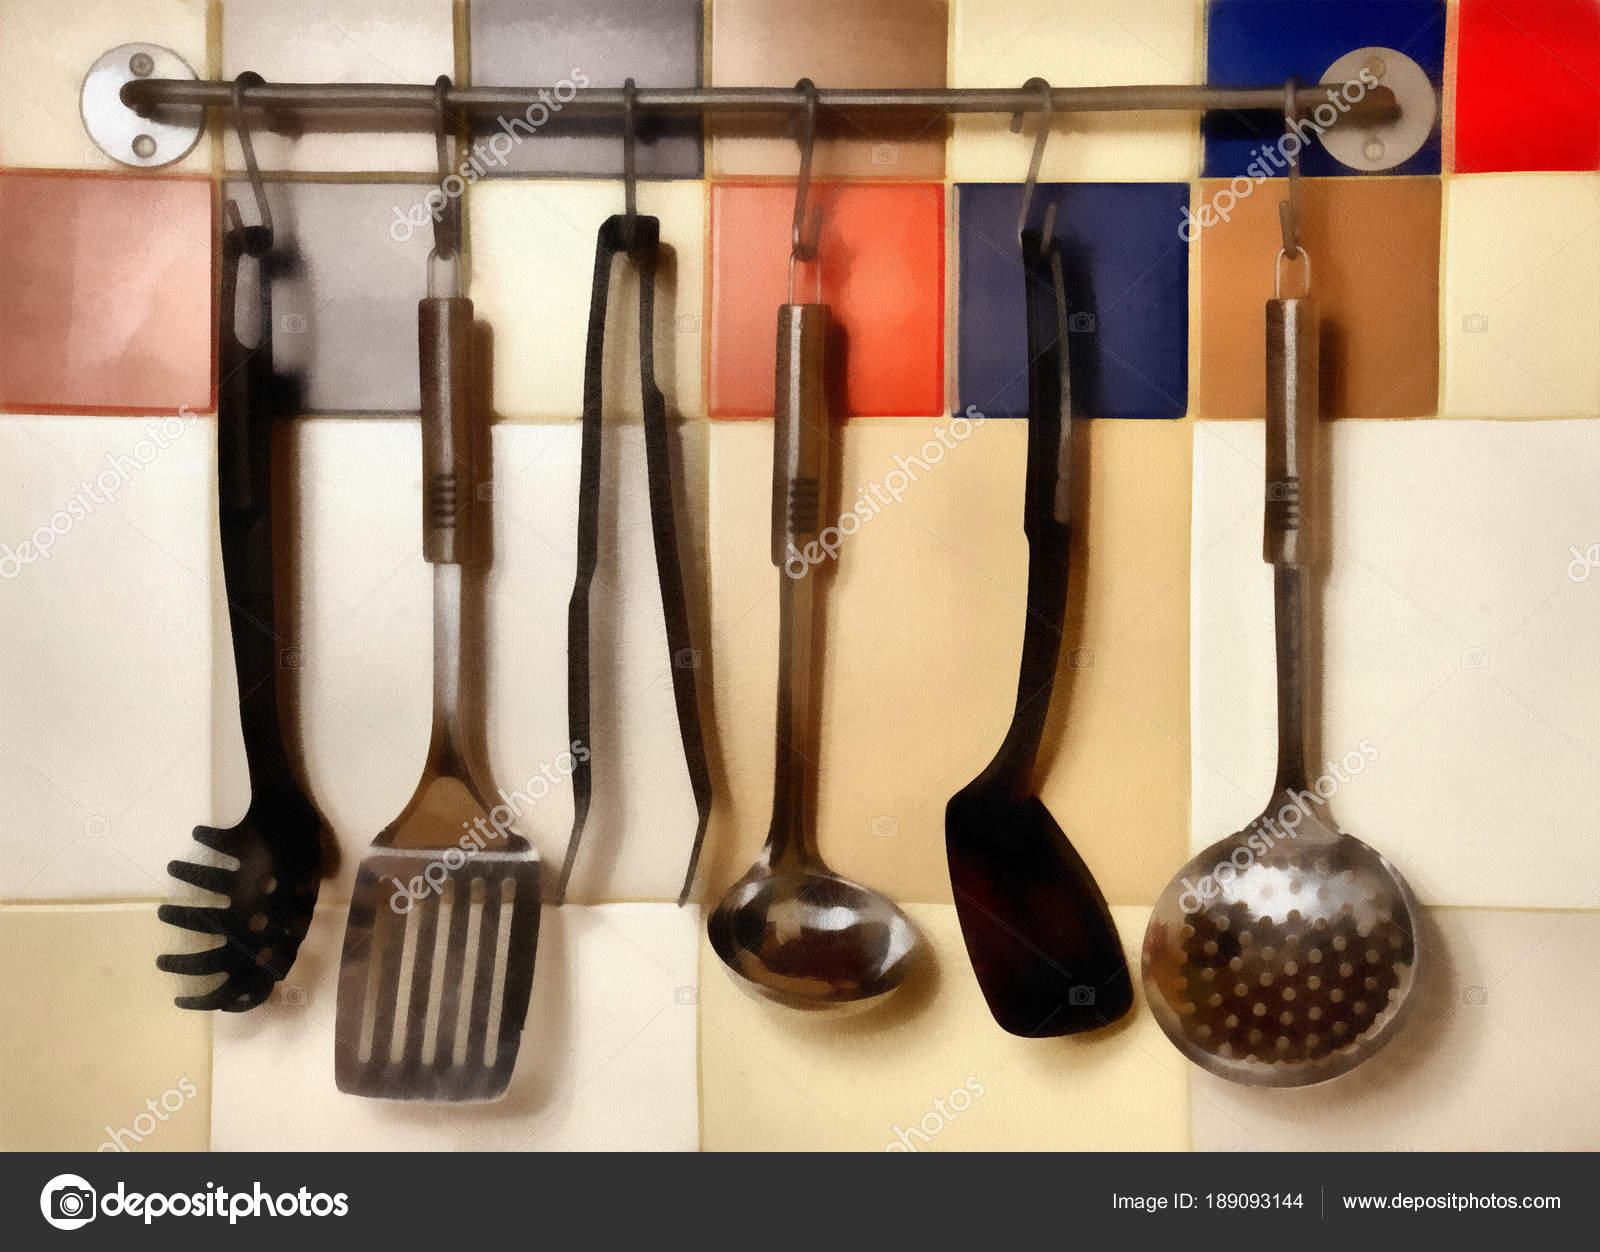 Digital Painting - utensili da cucina appeso su un colorato ...